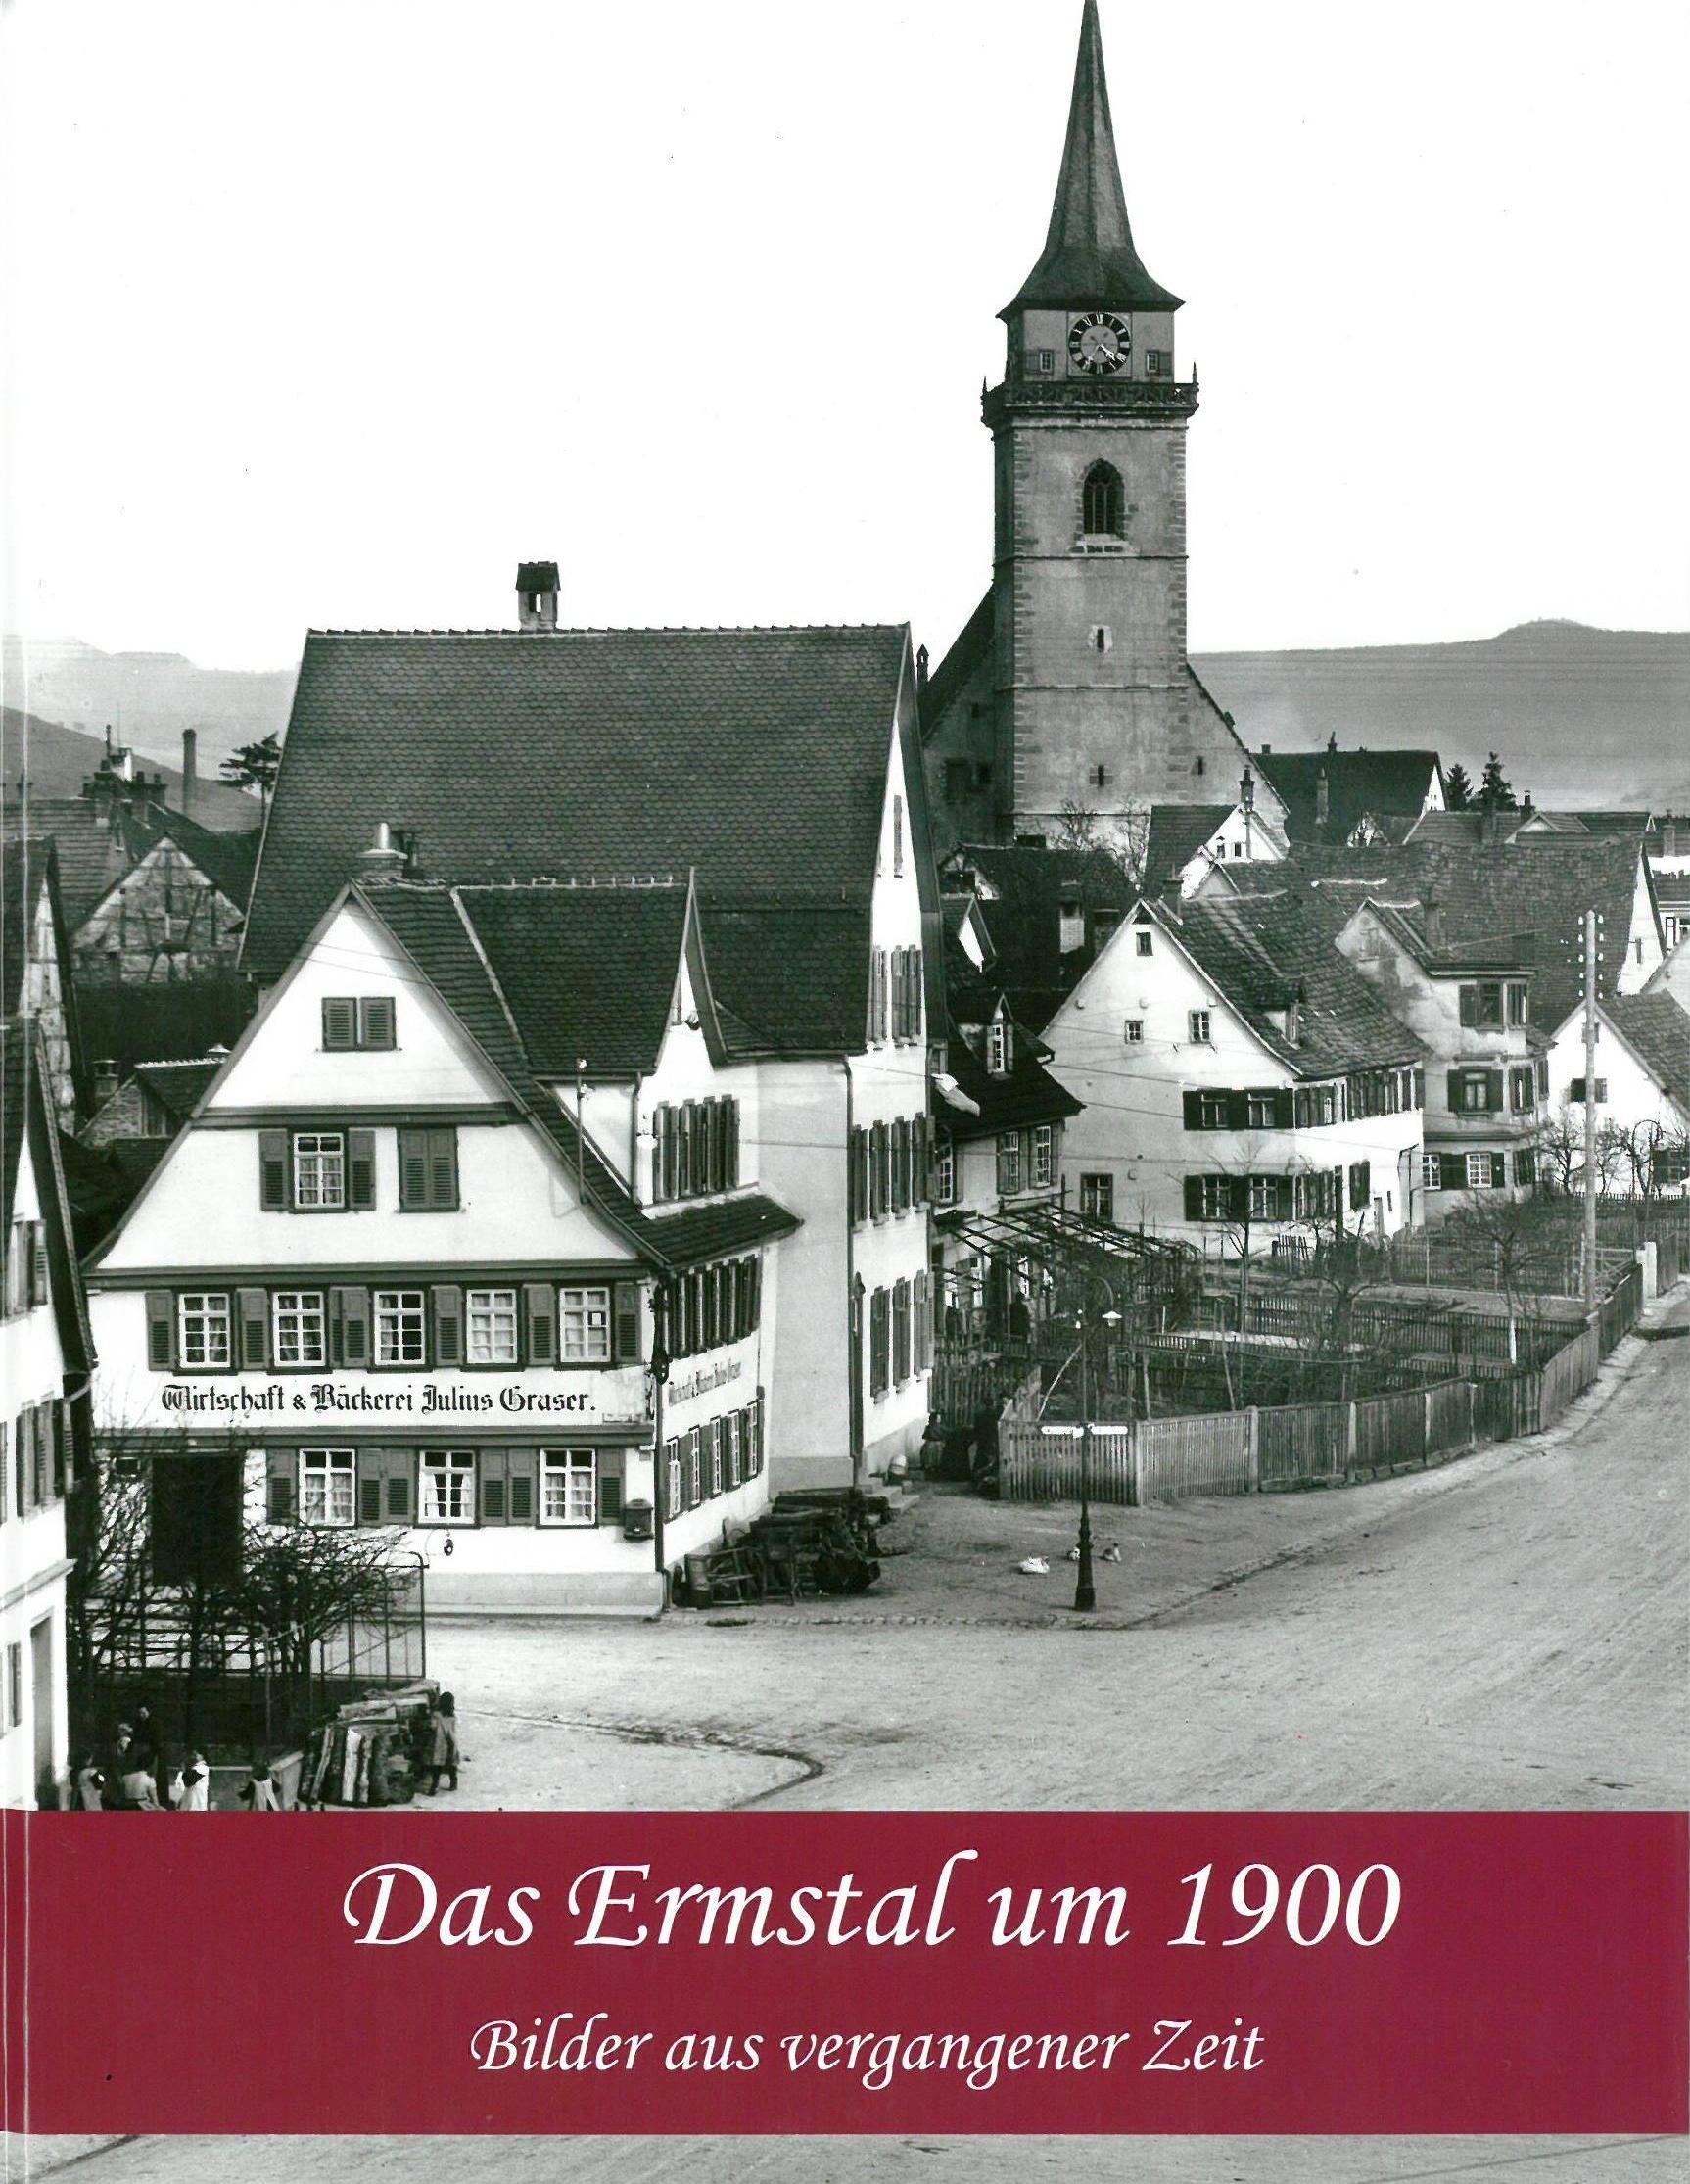 Bildband Ermstal um 1900 Umschlagseite